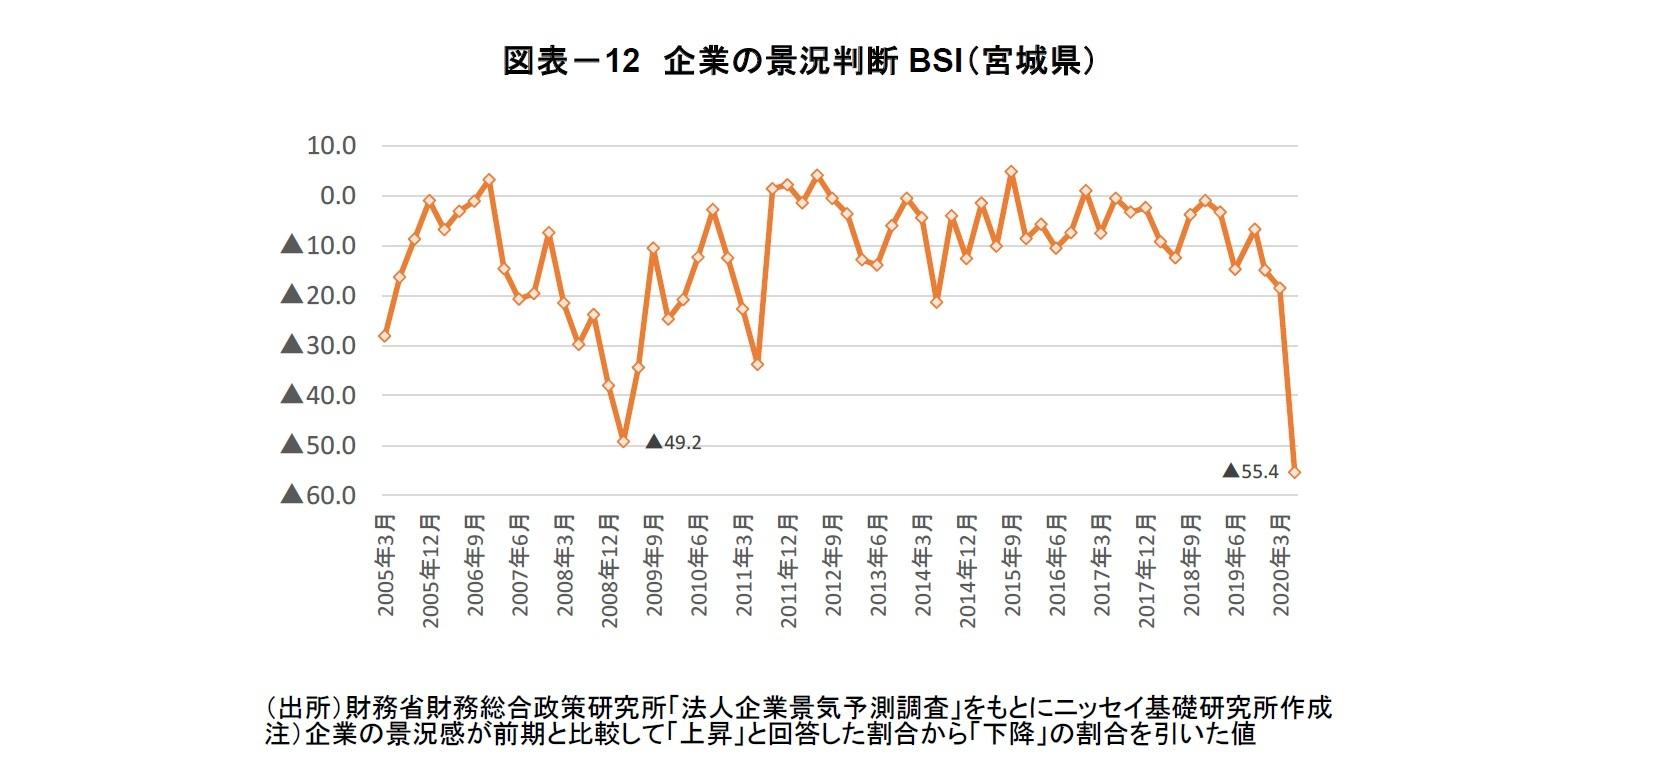 図表-12 企業の景況判断BSI(宮城県)